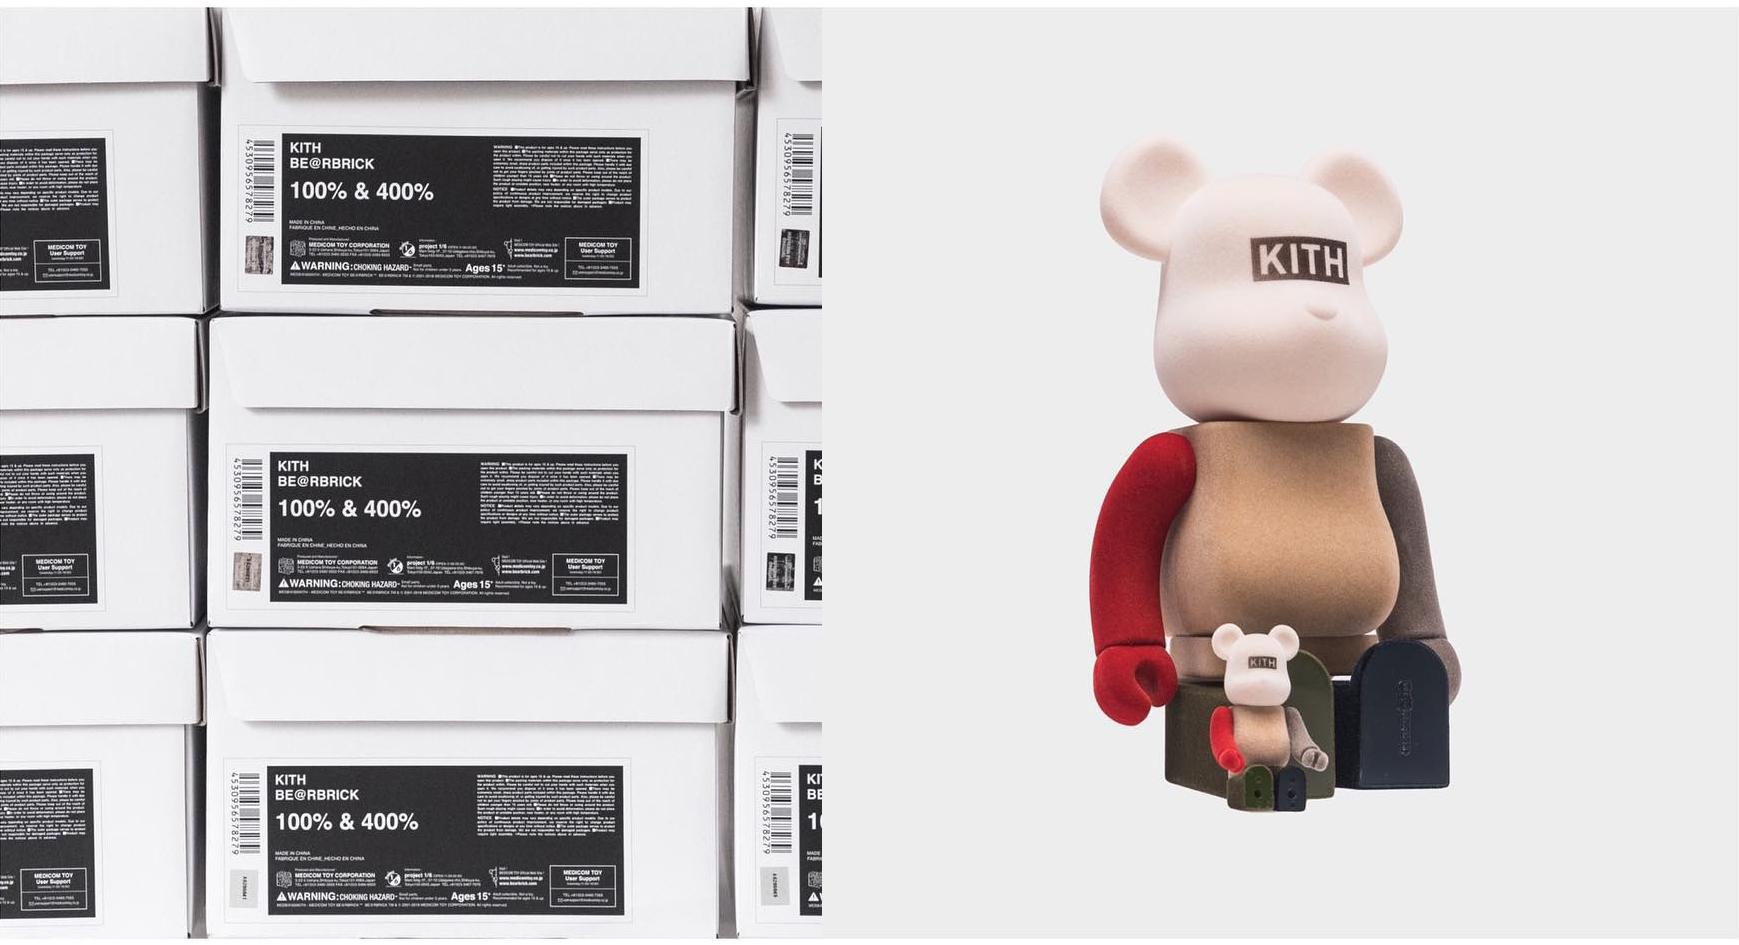 12月17日(日本時間18日深夜01:00)Kith BE@RBRICK 100 & 400% マンデープログラム限定販売ベアブリック